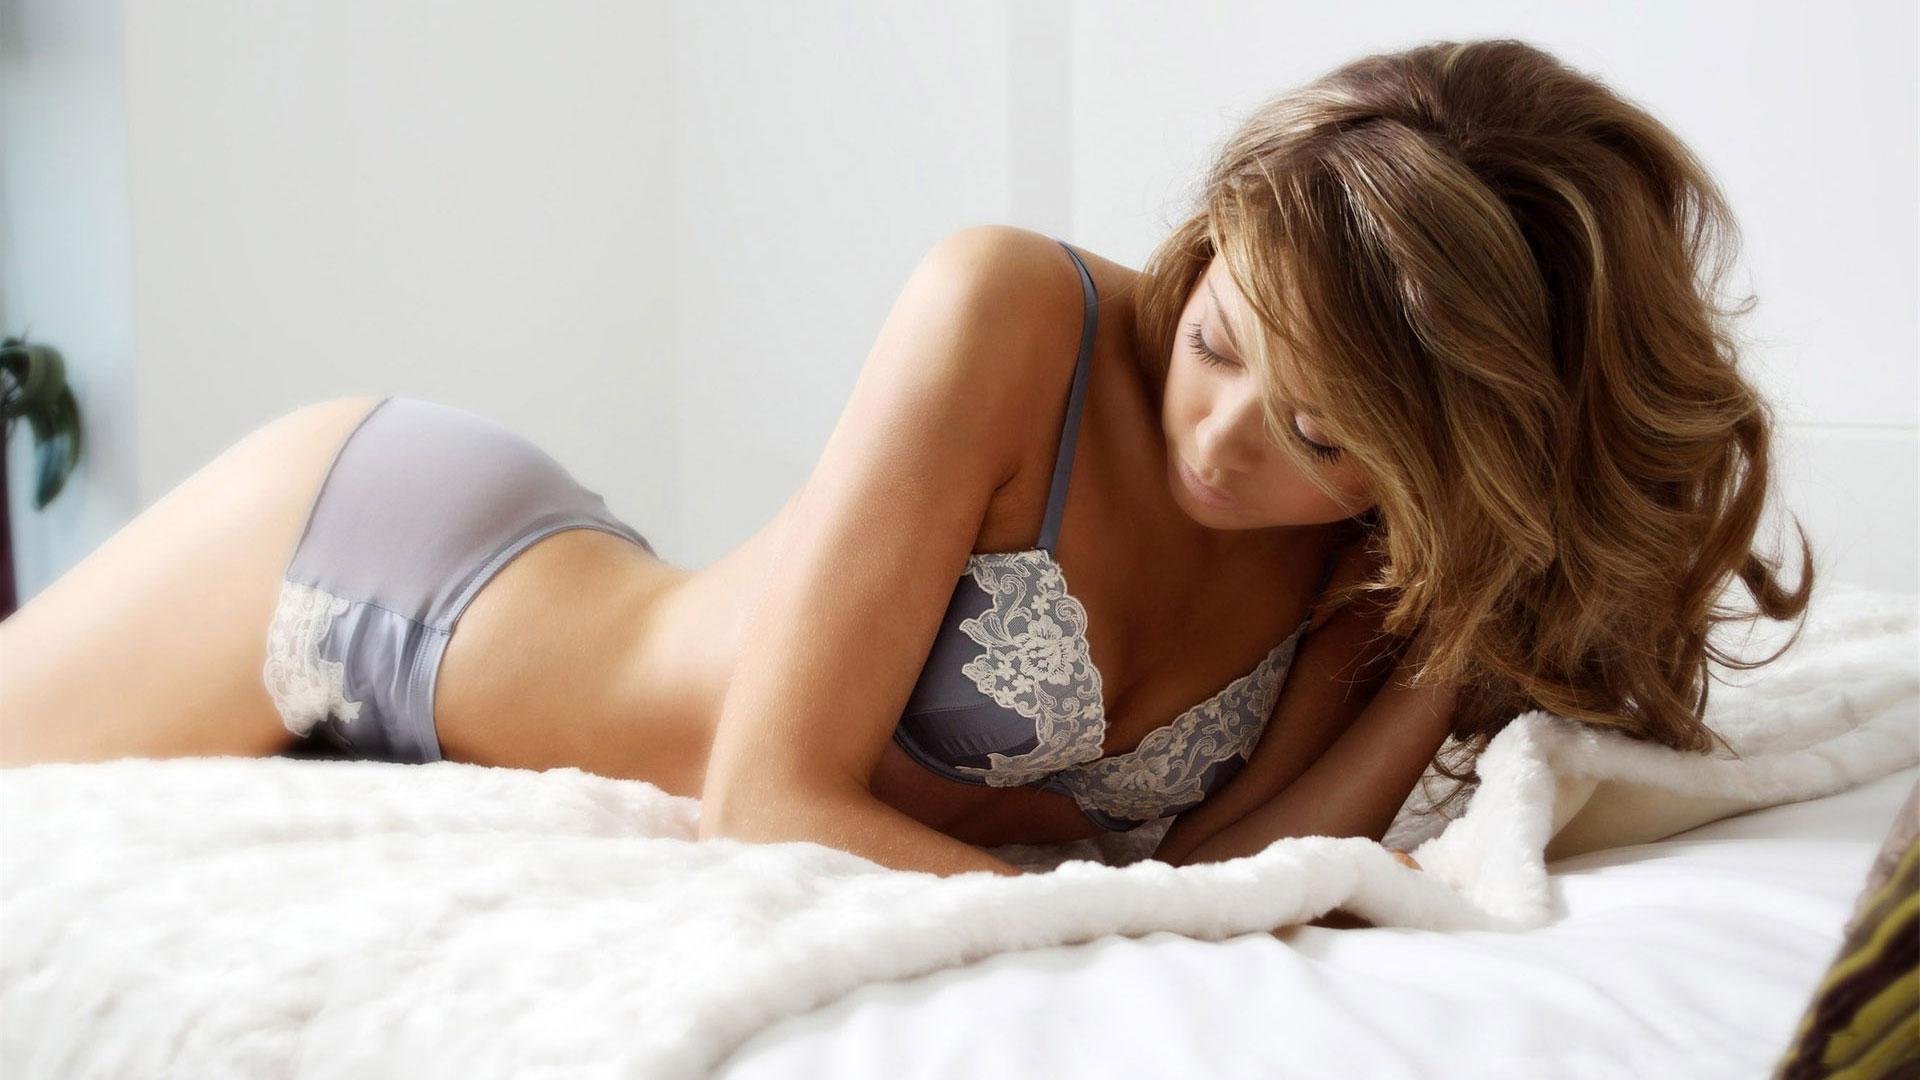 Смотреть русское порно видео и секс с русскими девушками ...